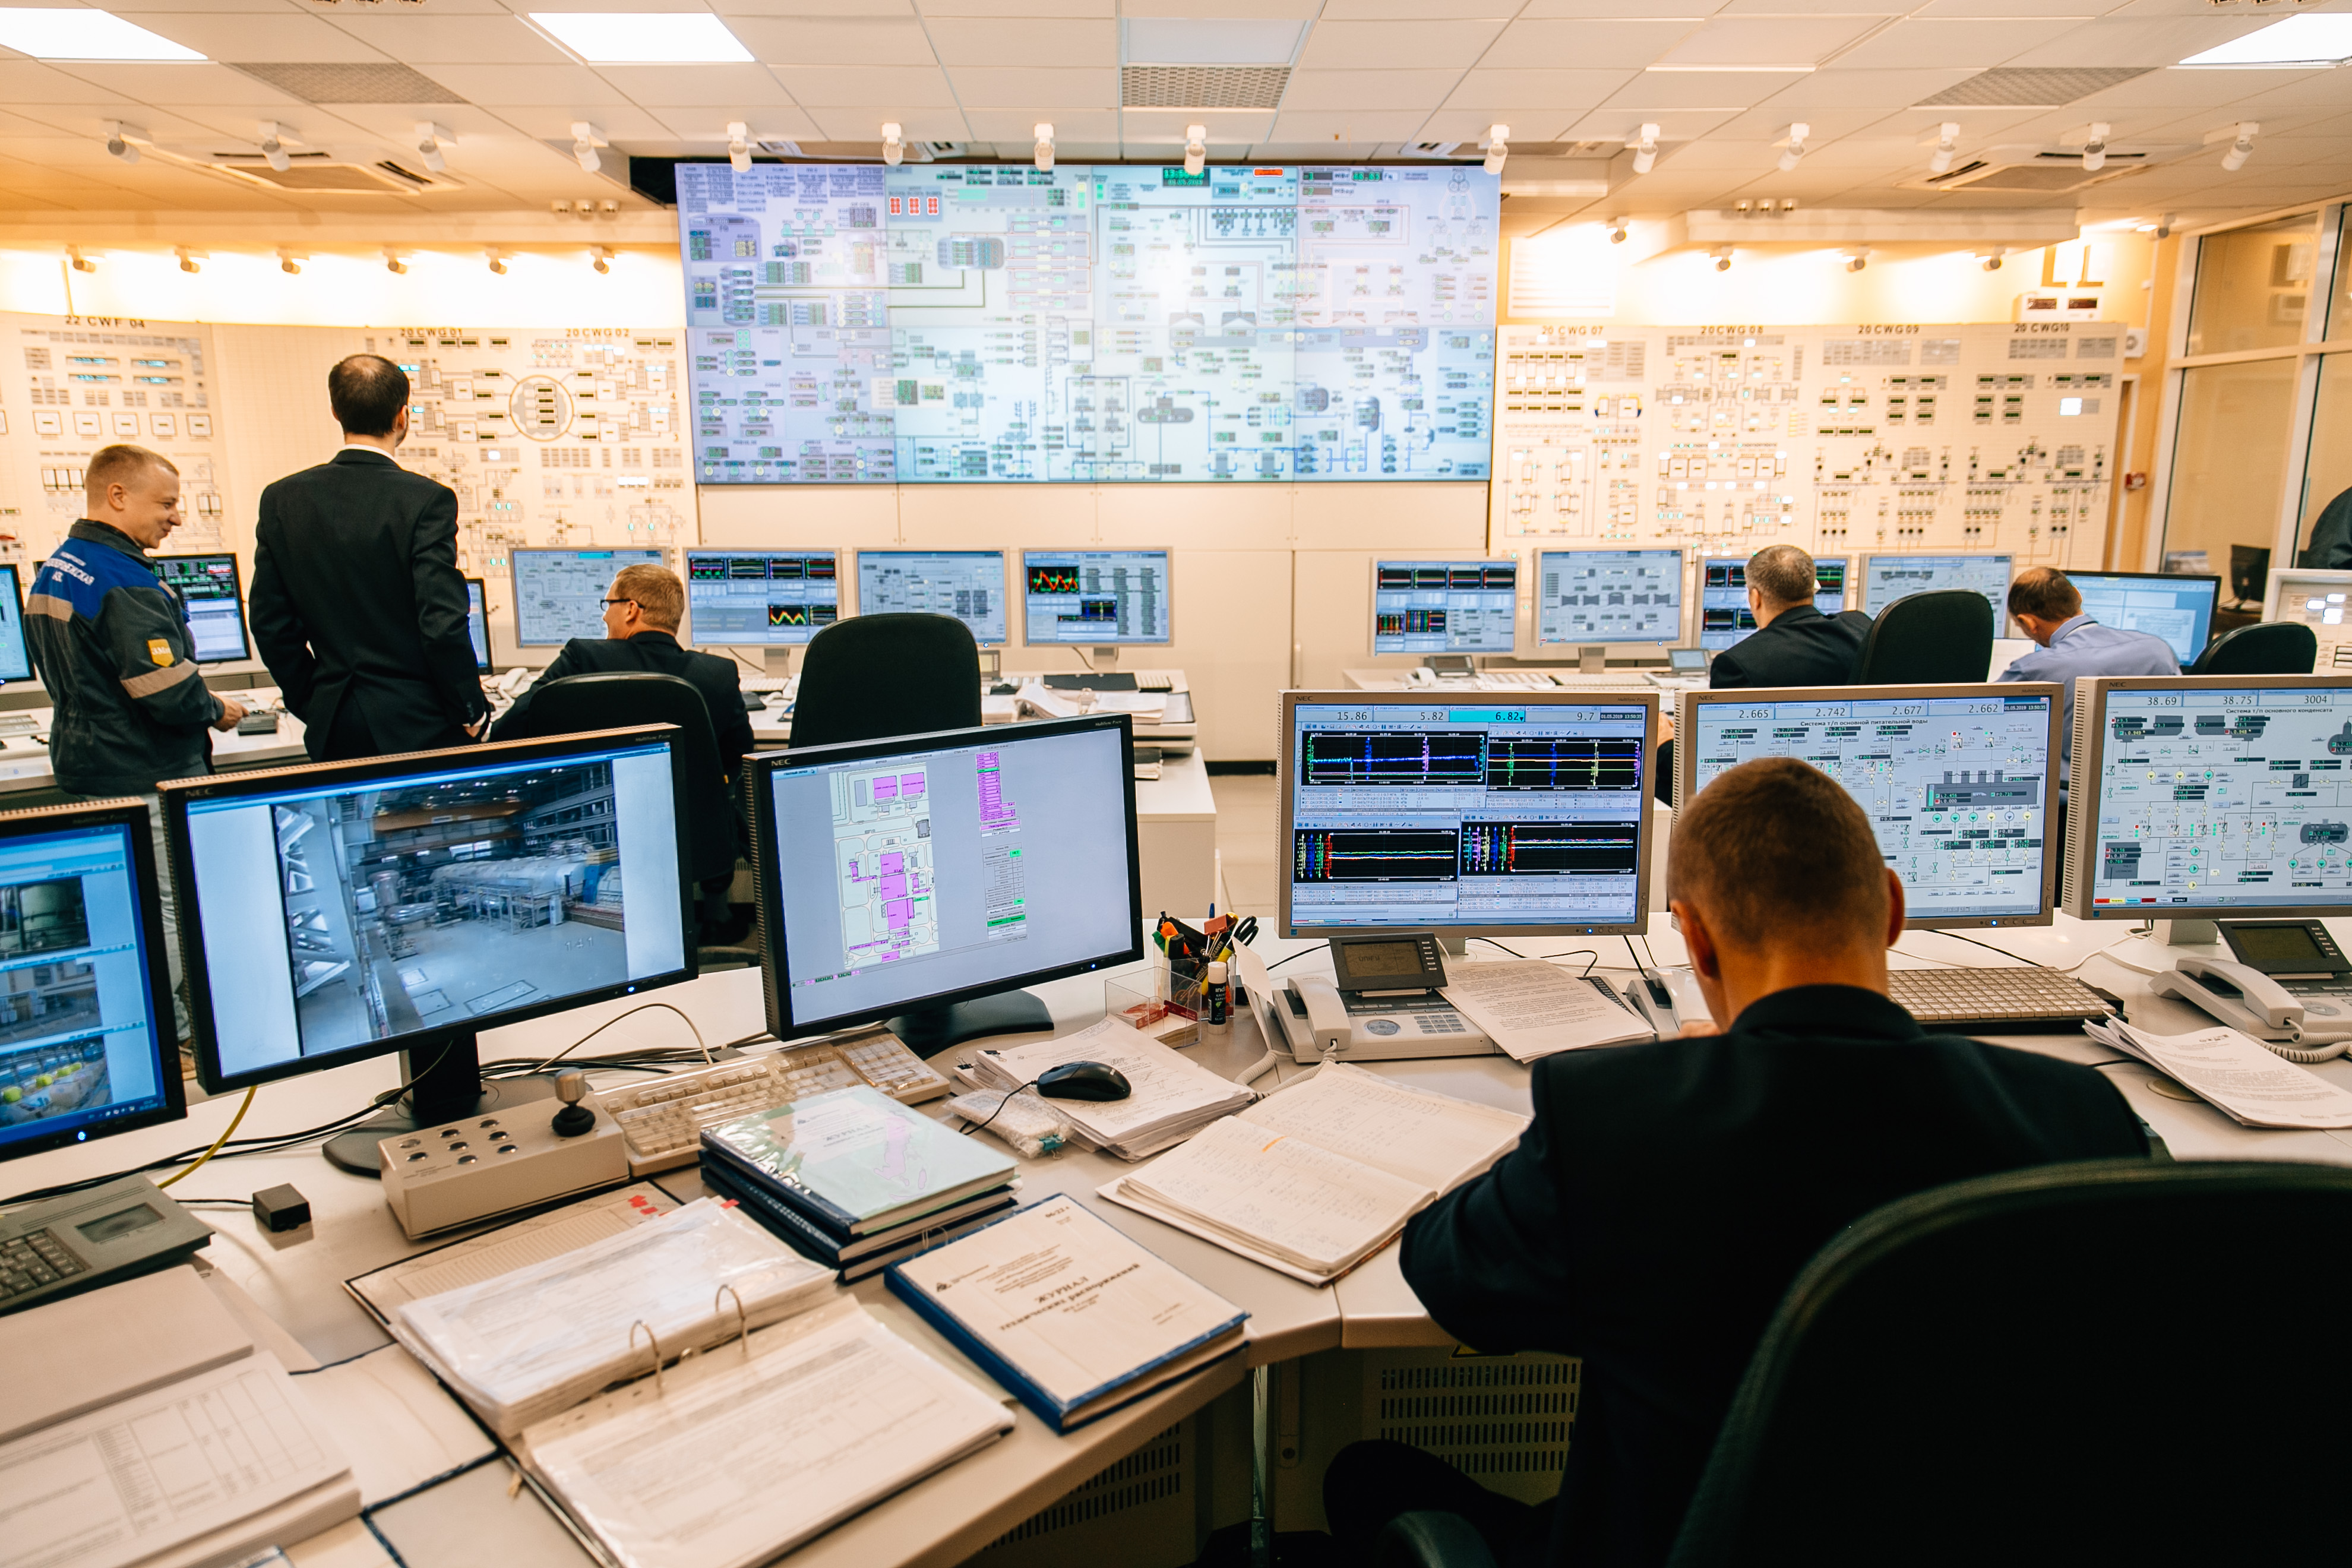 jaderná energie - Novovoroněžská JE-II: Další blok generace III+ dodává elektřinu do sítě - Zprávy (Velín druhého bloku jaderné elektrárny Novovoroněžská II) 3